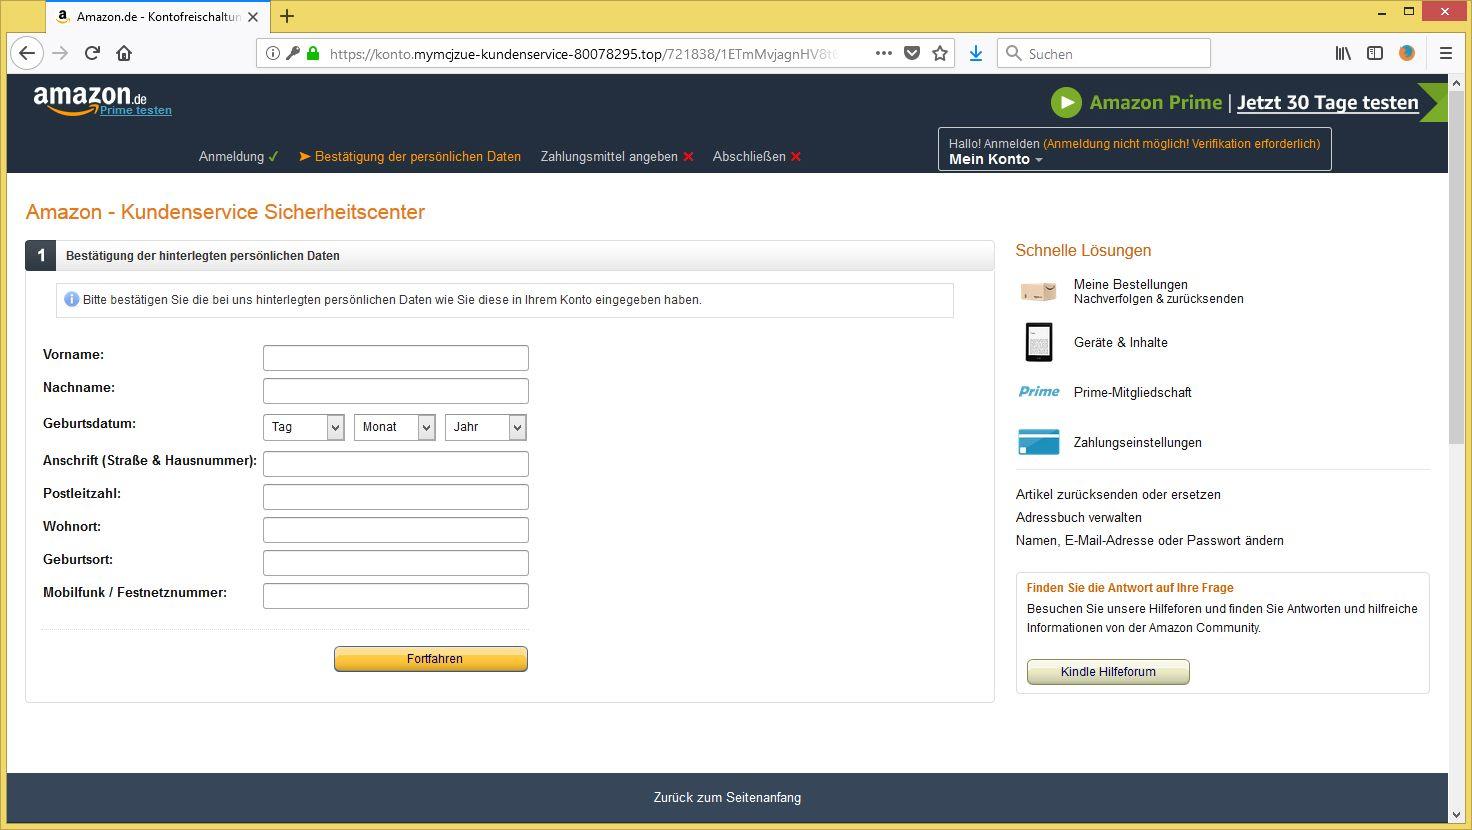 Amazon Datenabgleich Erforderlich